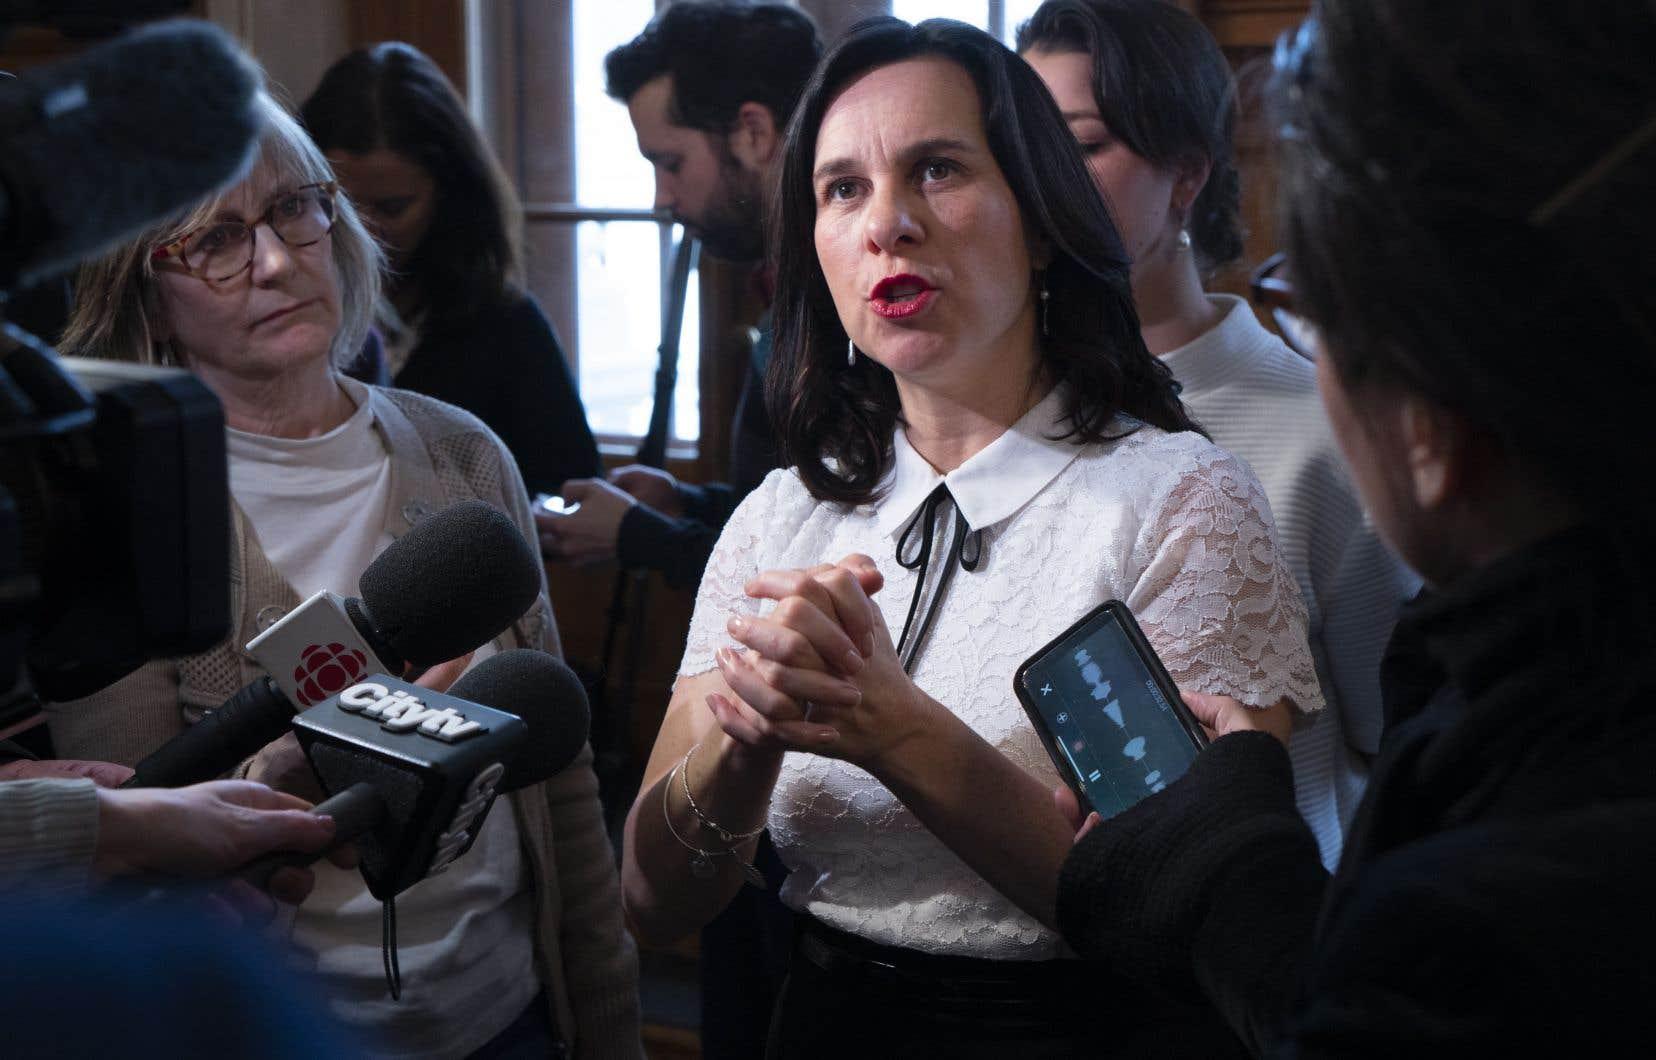 La mairesse de Montréal, Valérie Plante, estime que le projet de loi sur la laïcité passe outre à l'autonomie des villes.